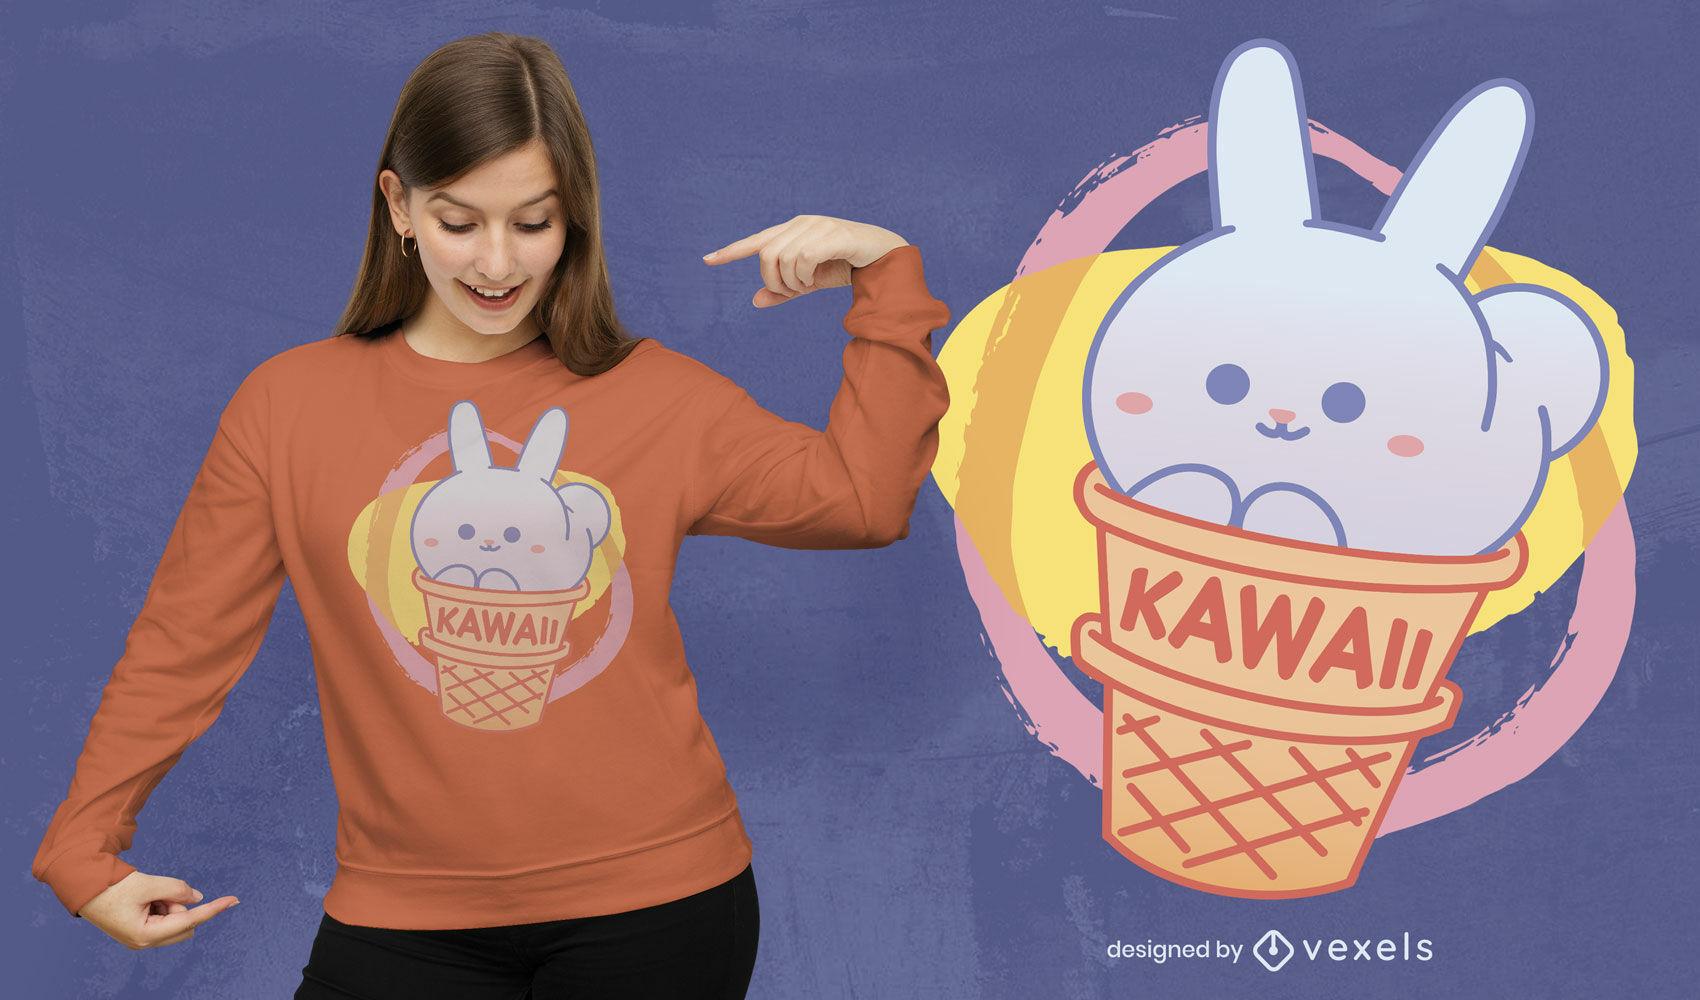 Kawaii bunny t-shirt design